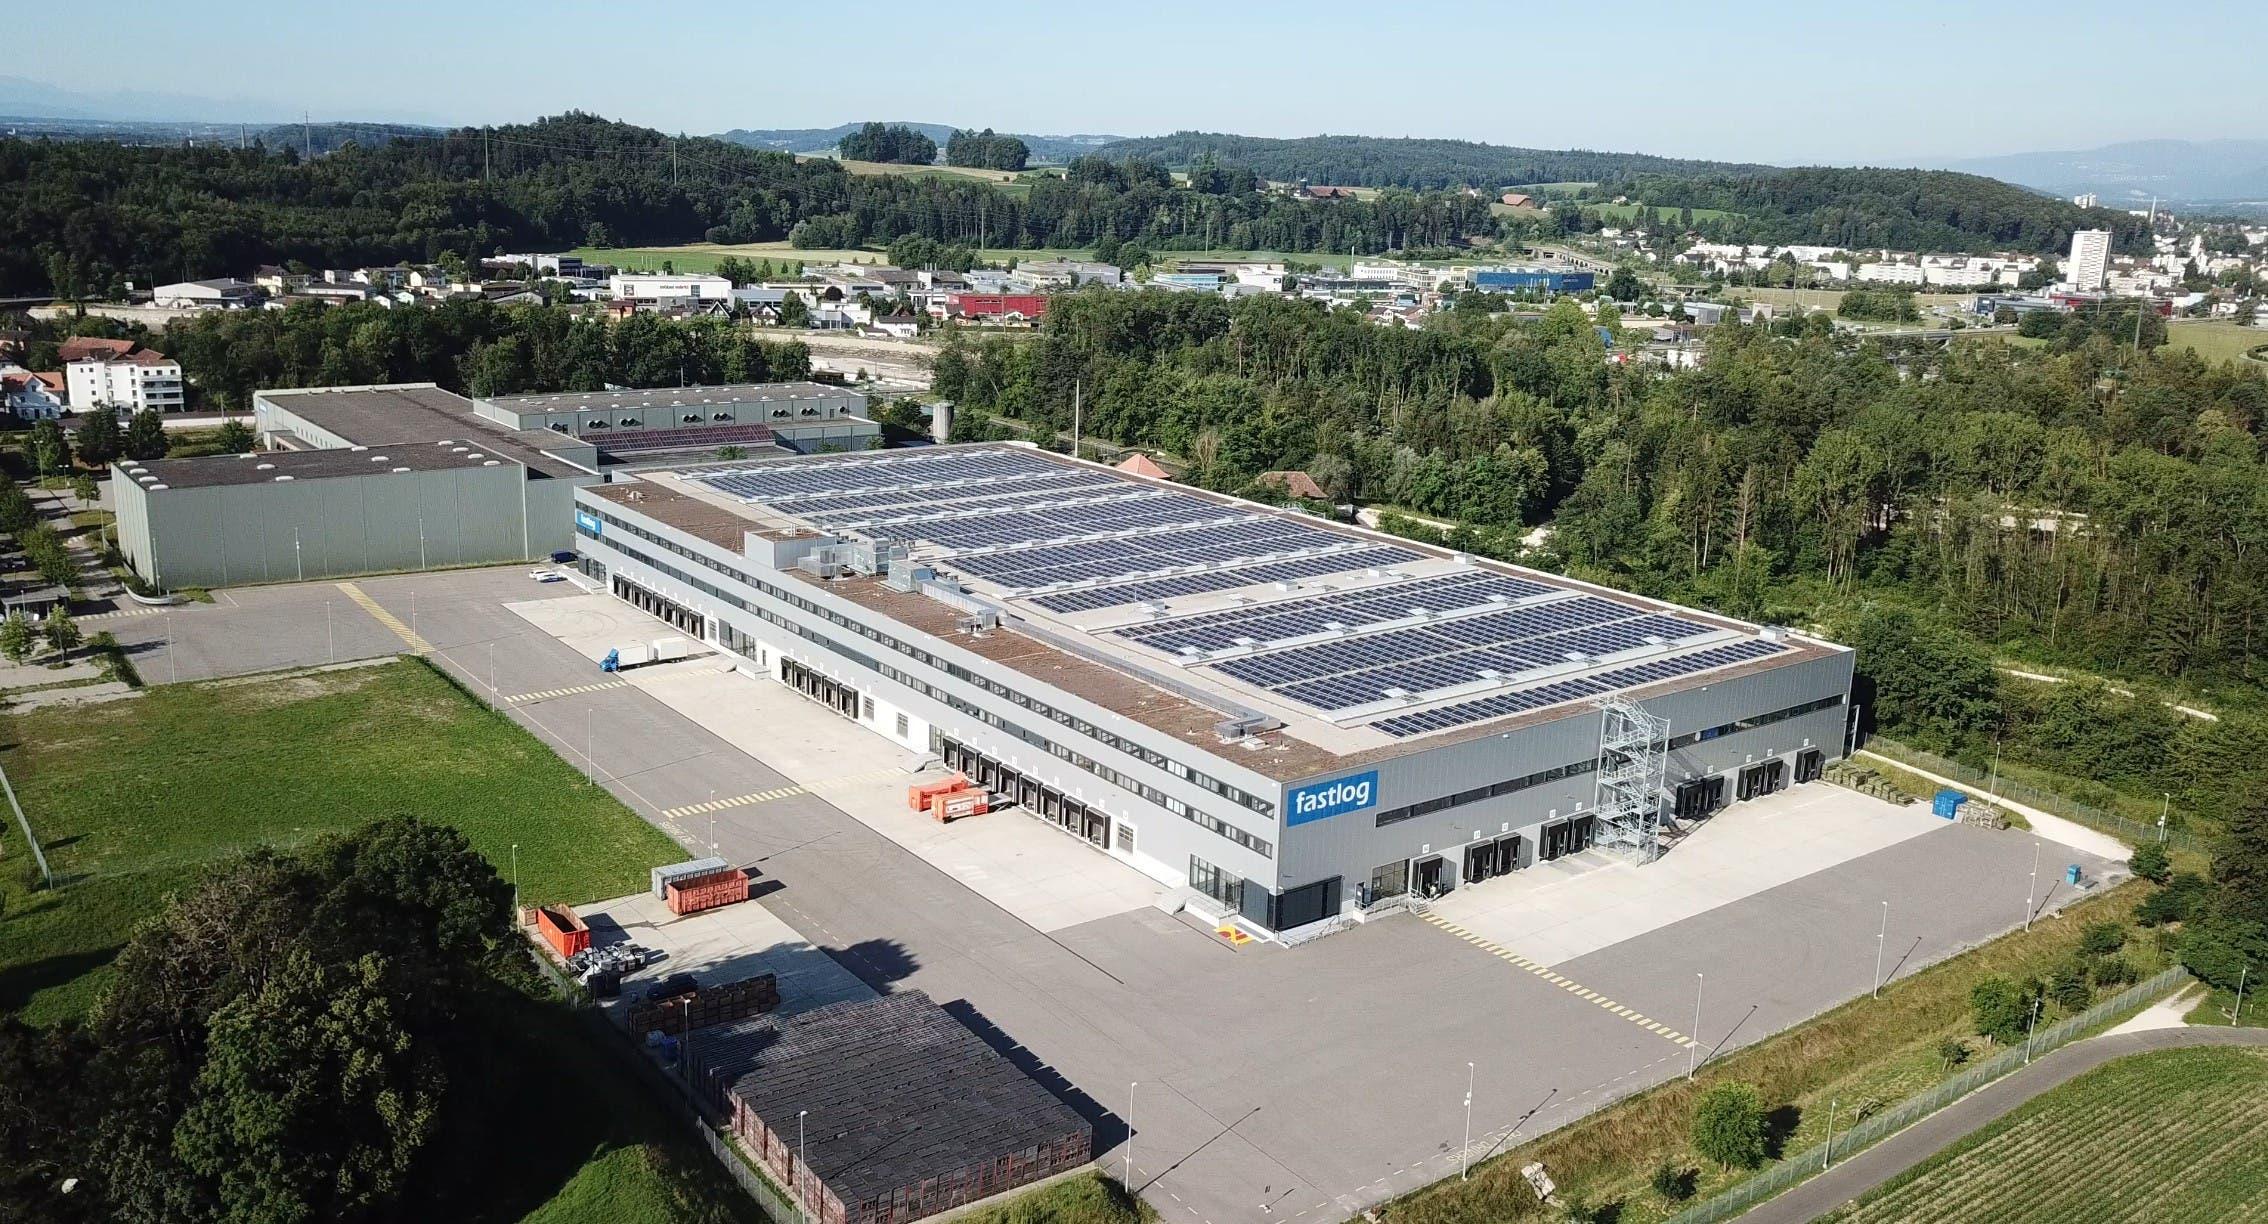 Das Gelände der Fastlog AG aus der Luft gesehen.